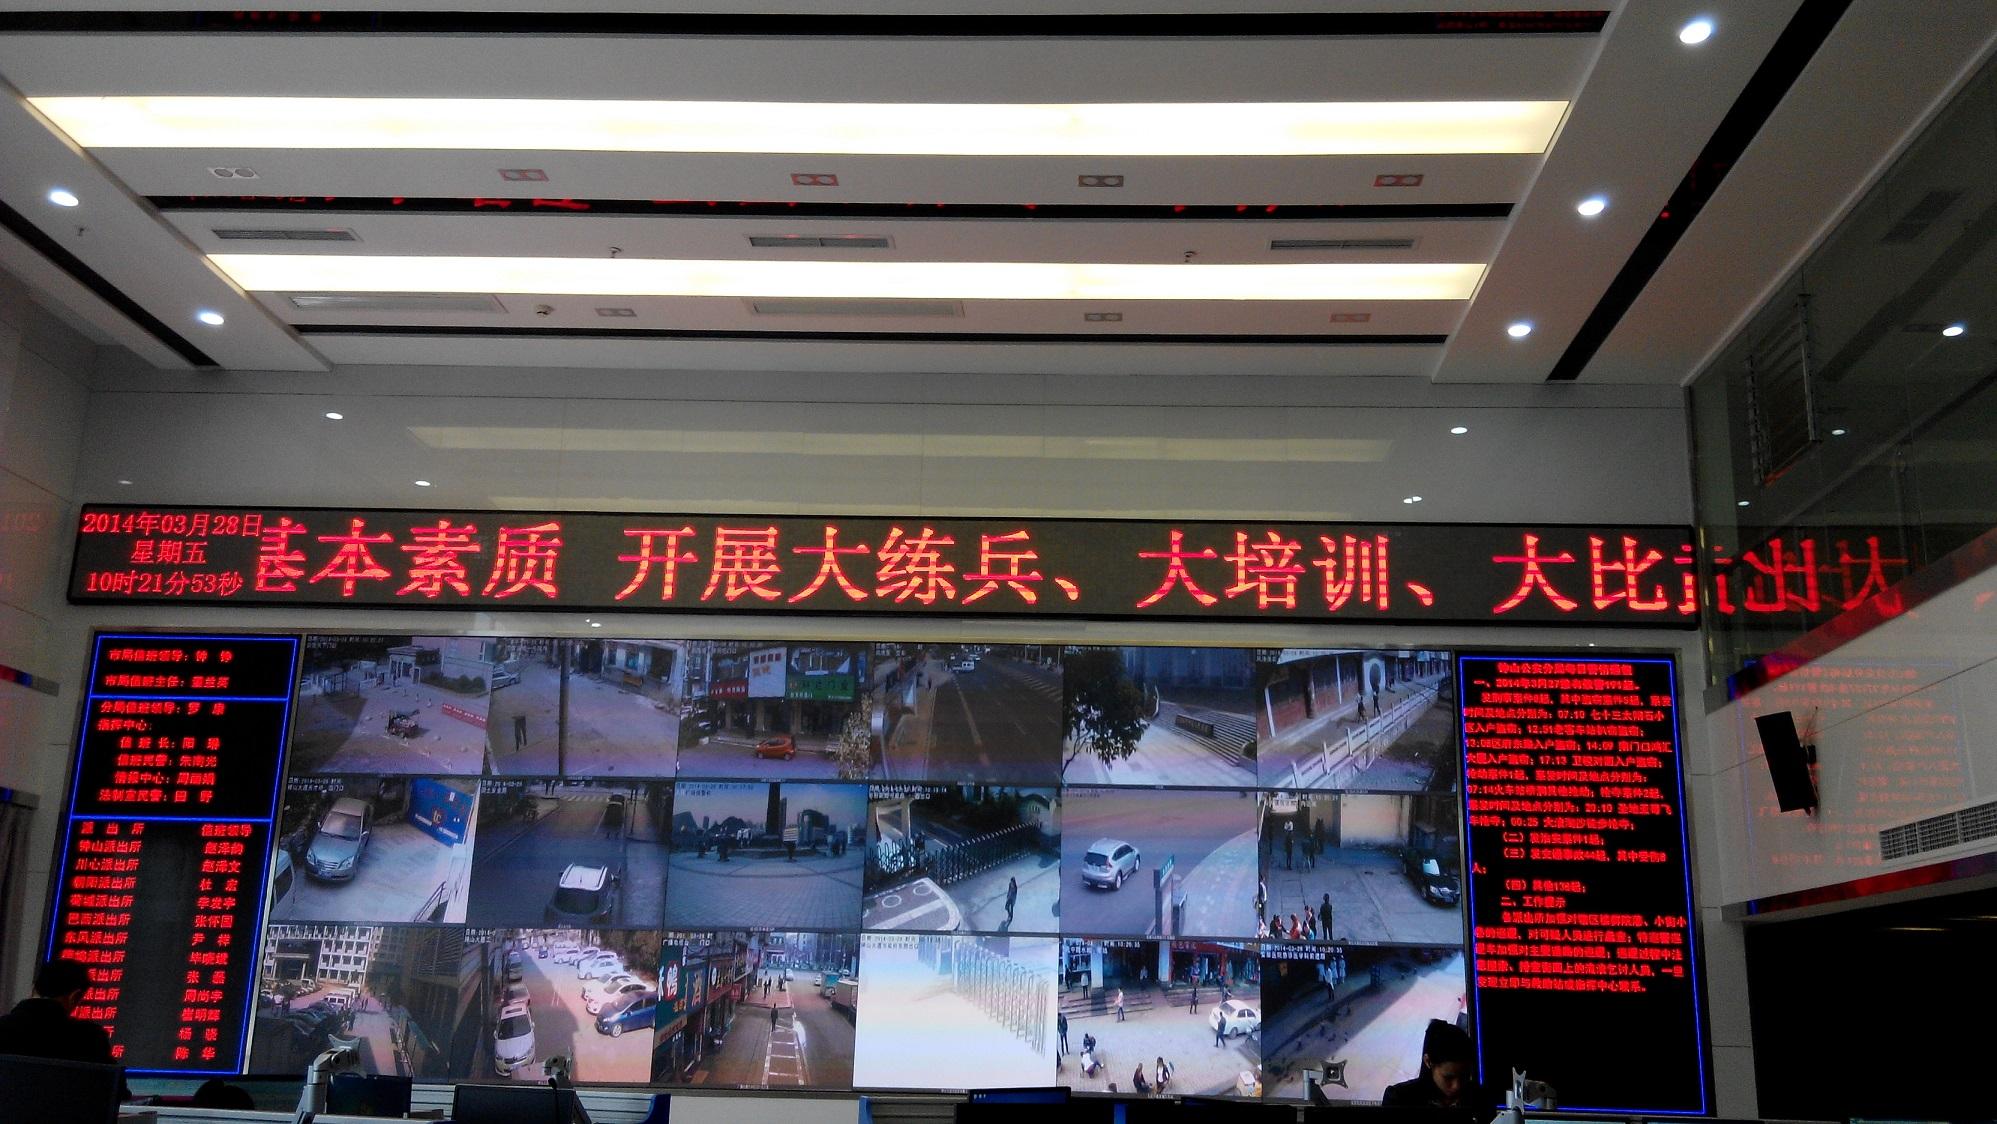 贵州六盘水公安局指挥室